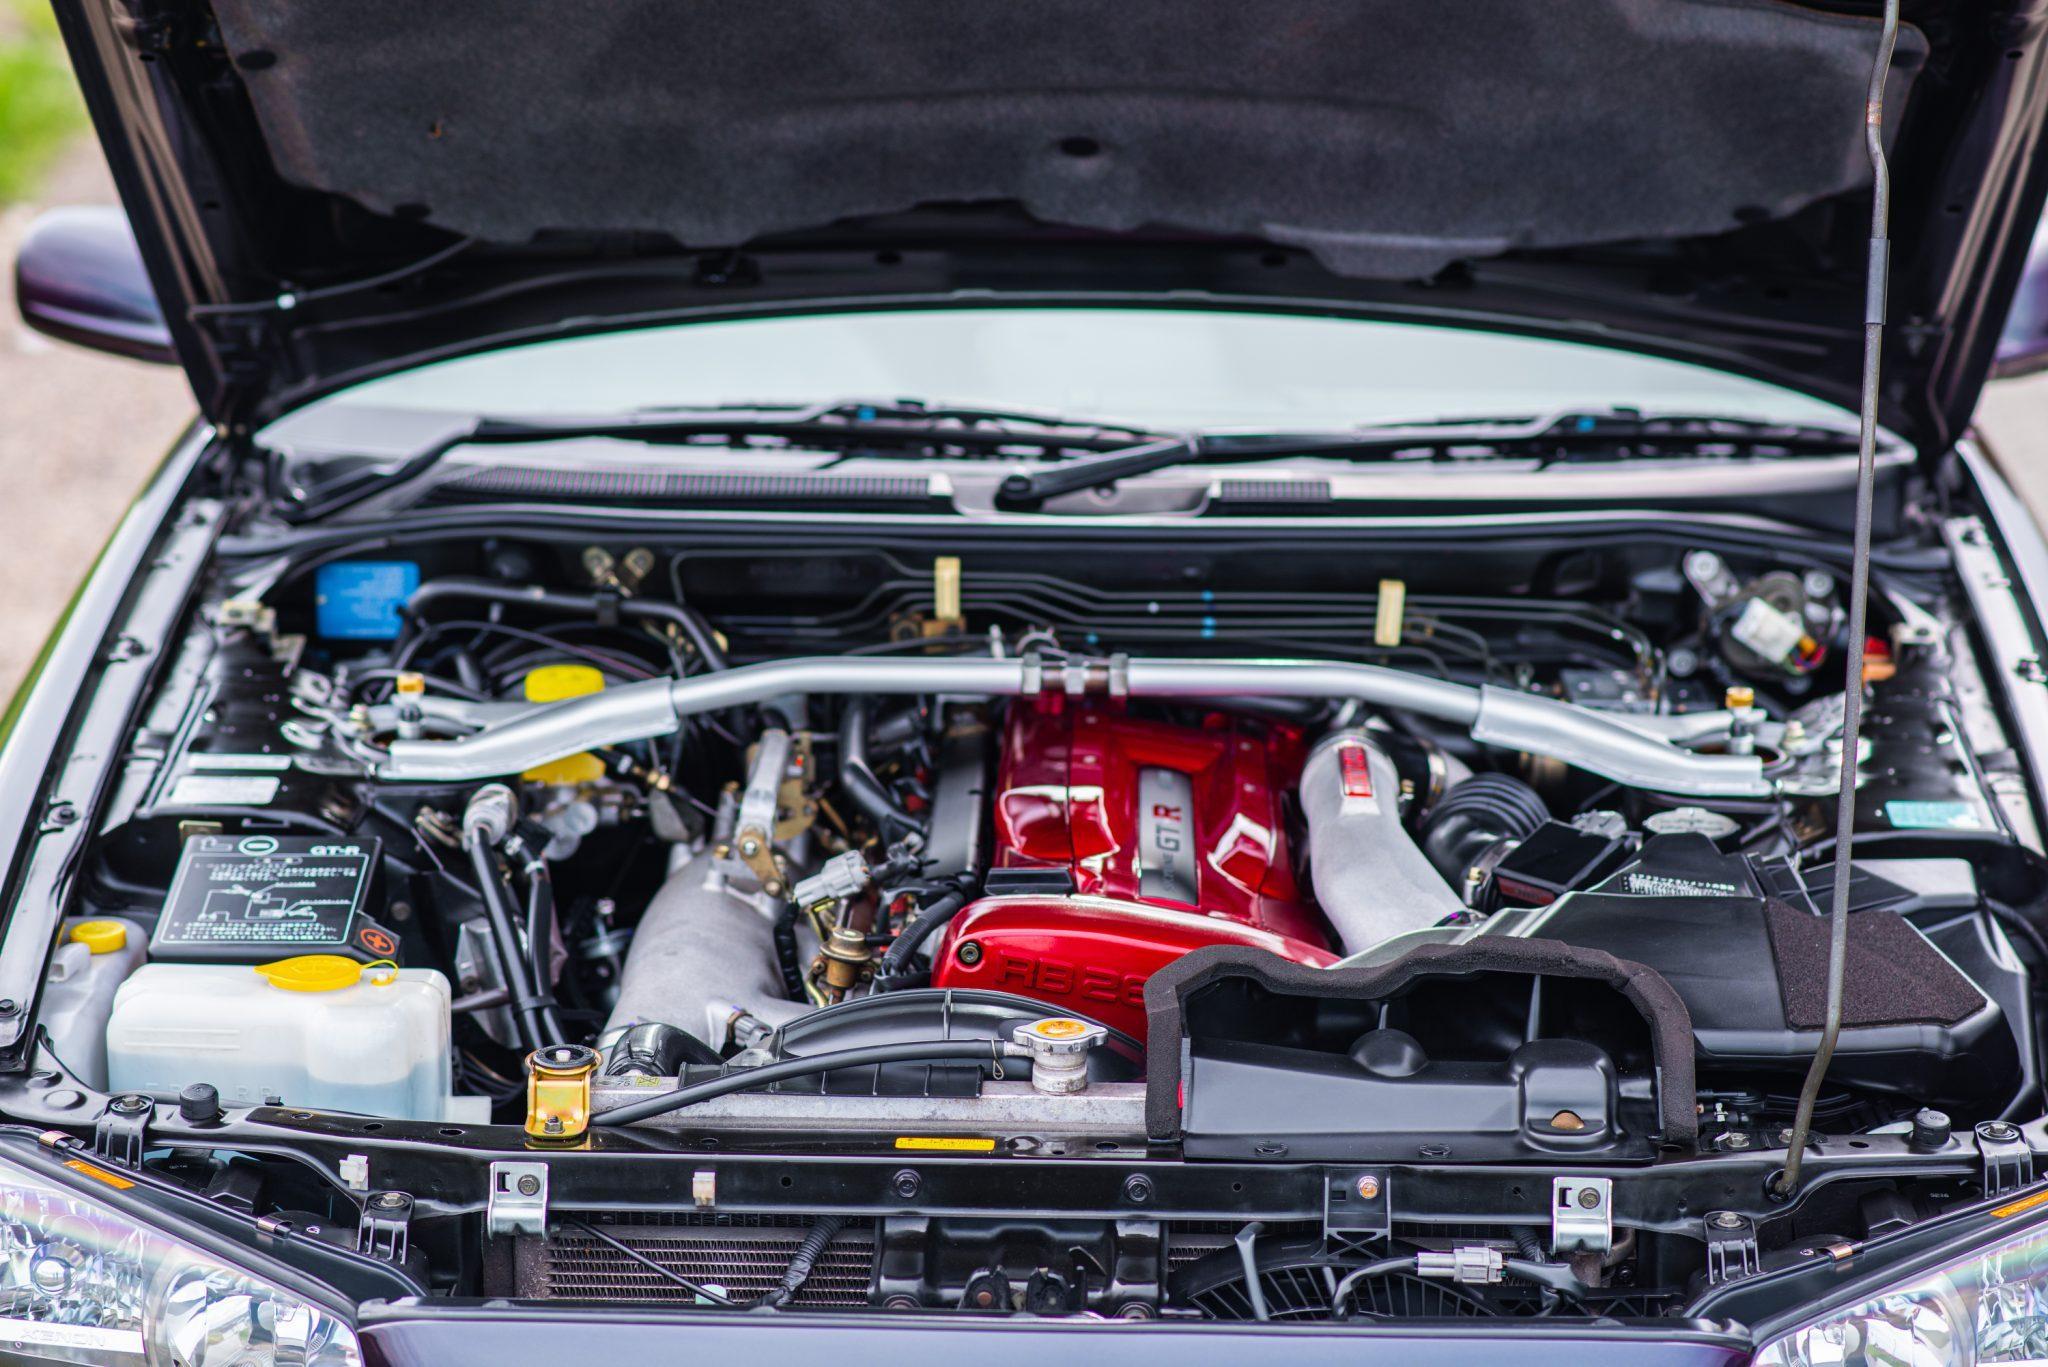 1999 Nissan Skyline GT-R V-Spec engine bay